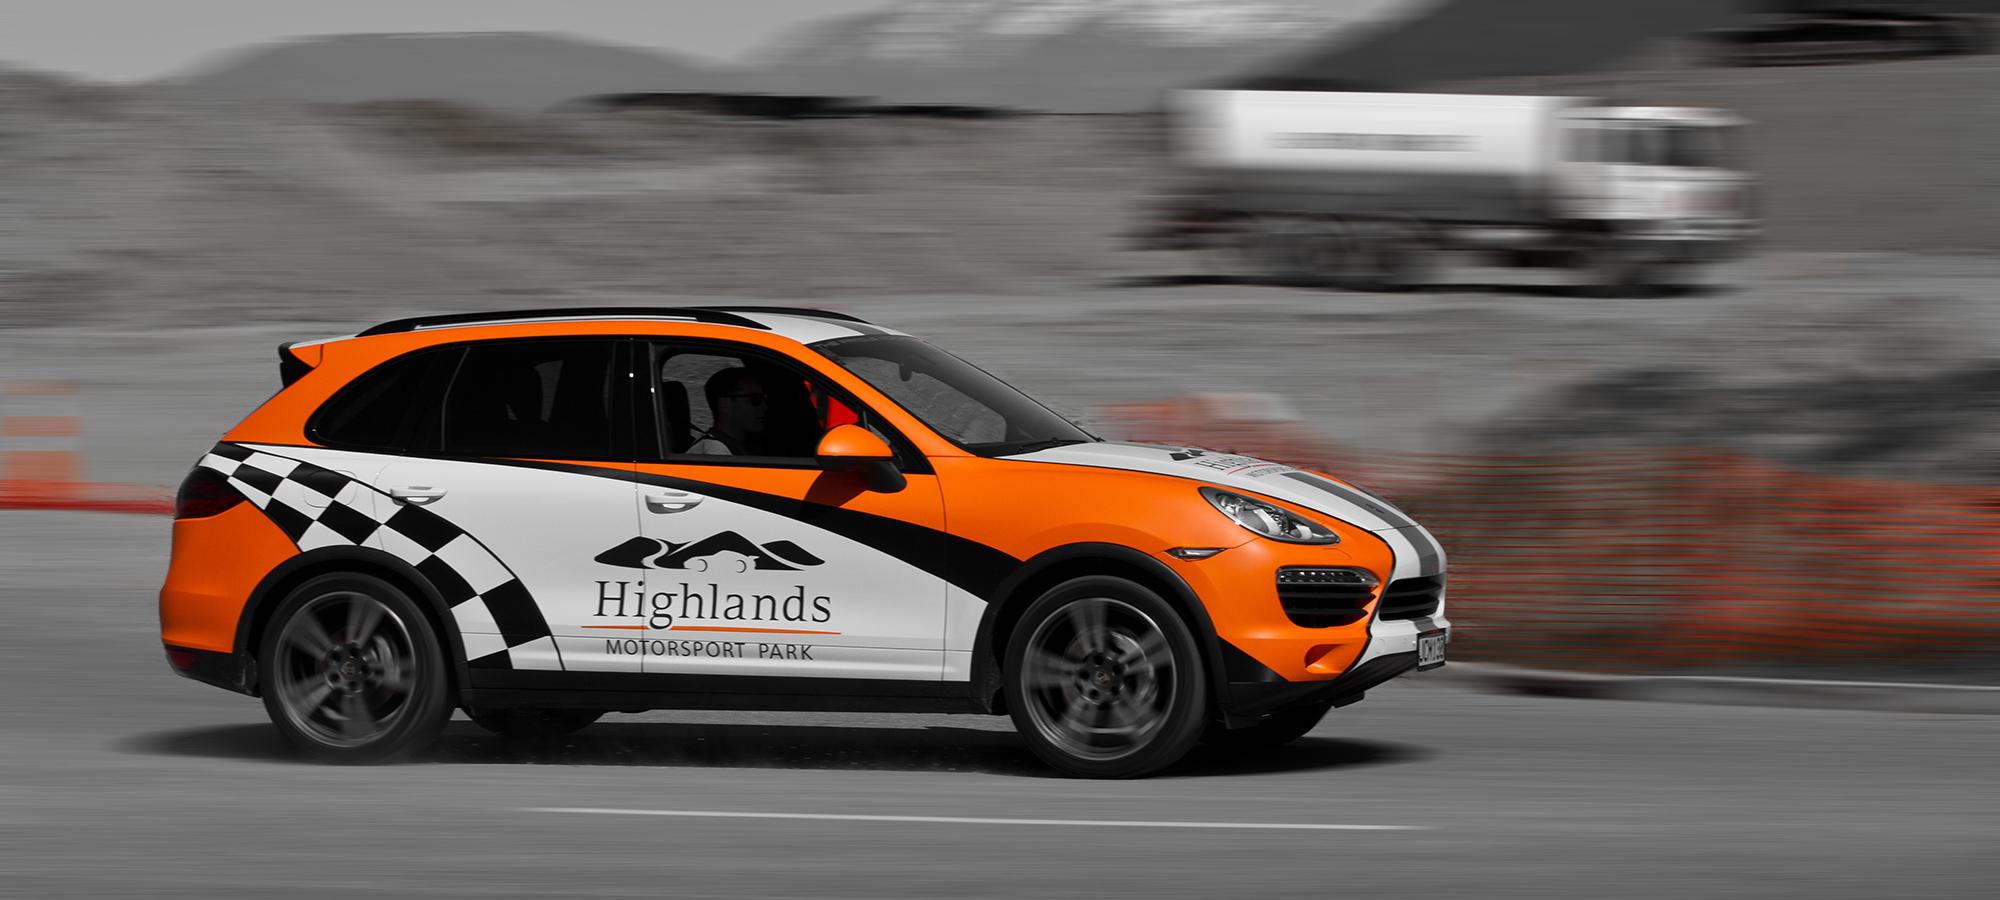 Highland Motorsport Park Porsche